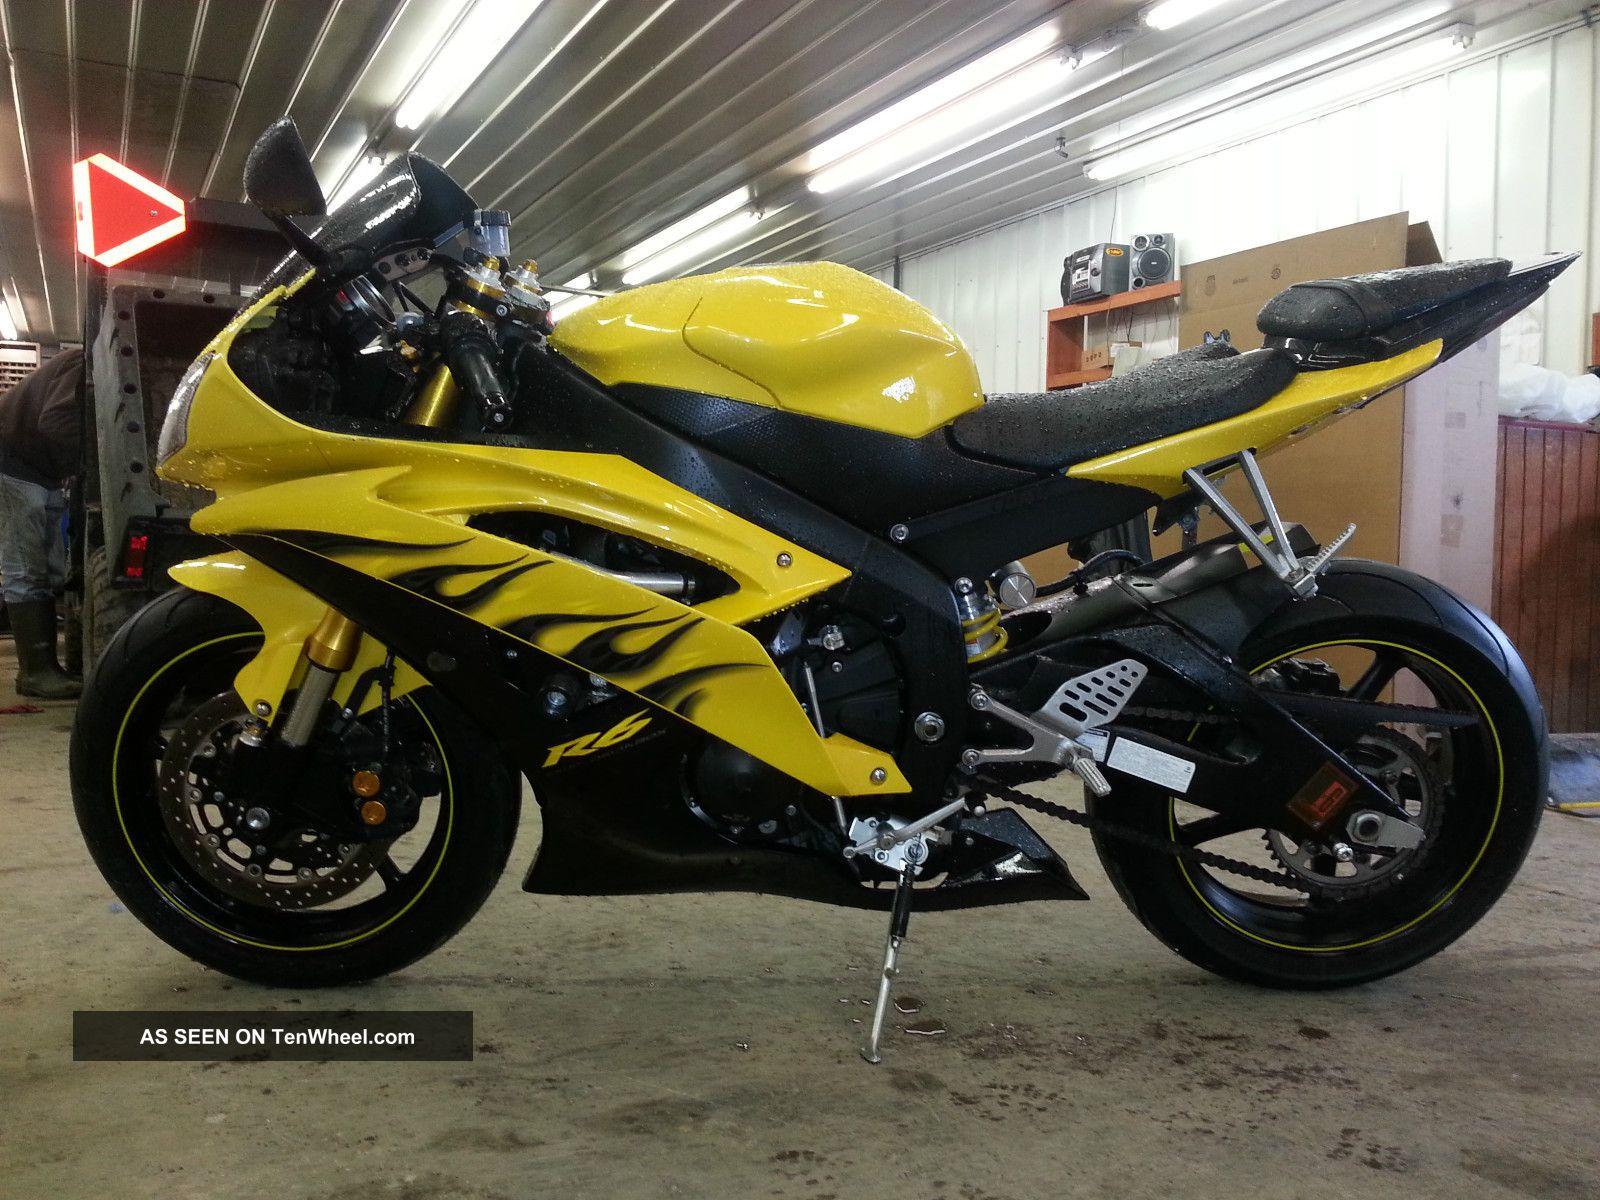 2008 Yamaha Yzf R6 Yellow And Black Mustsee